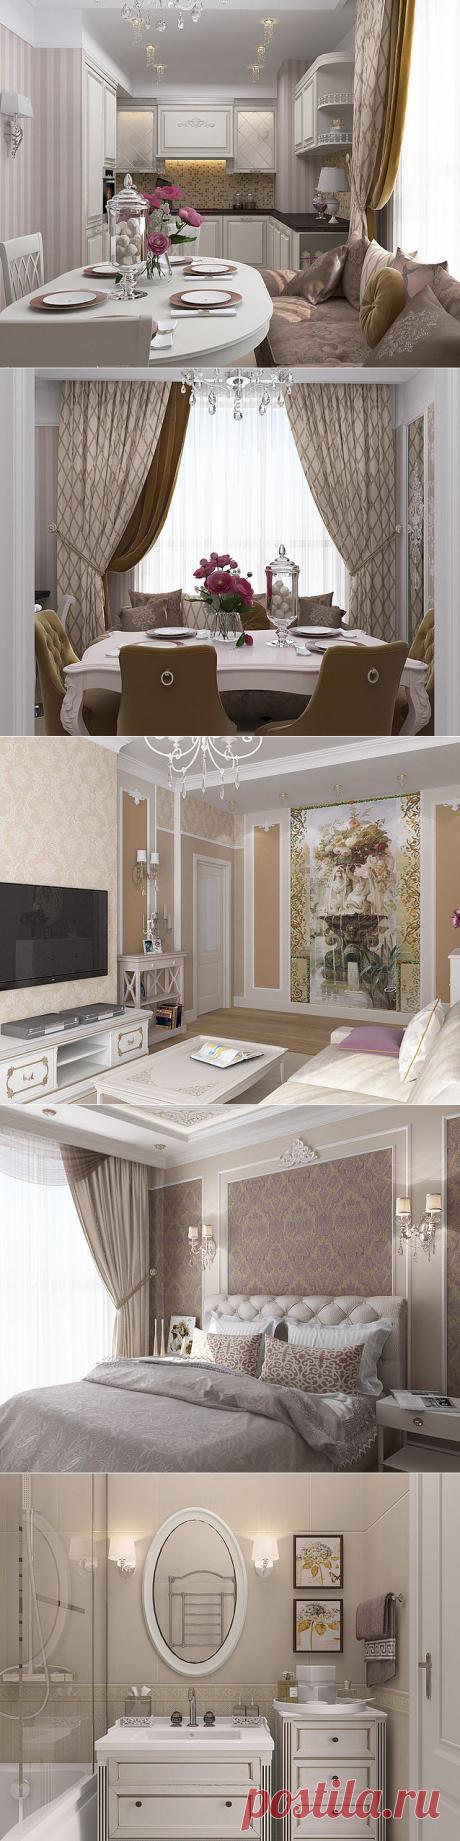 El proyecto del apartamento para el descanso — el Lujo y el conforte